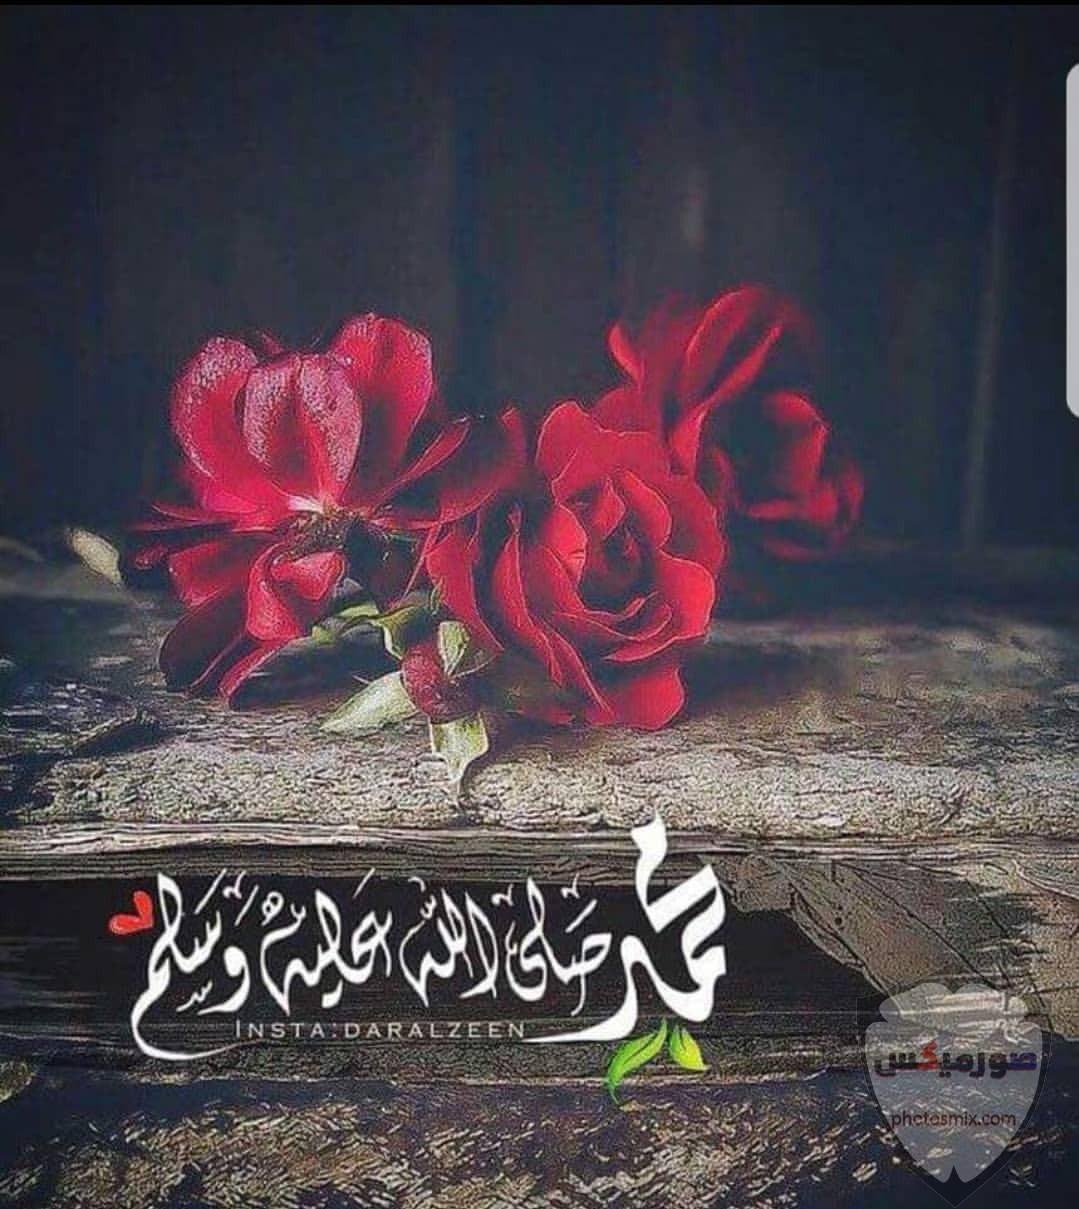 جمعة مباركة صور جمعة مباركه 2020 ادعية يوم الجمعه مصورة مكتوب عليها جمعة مباركة 24